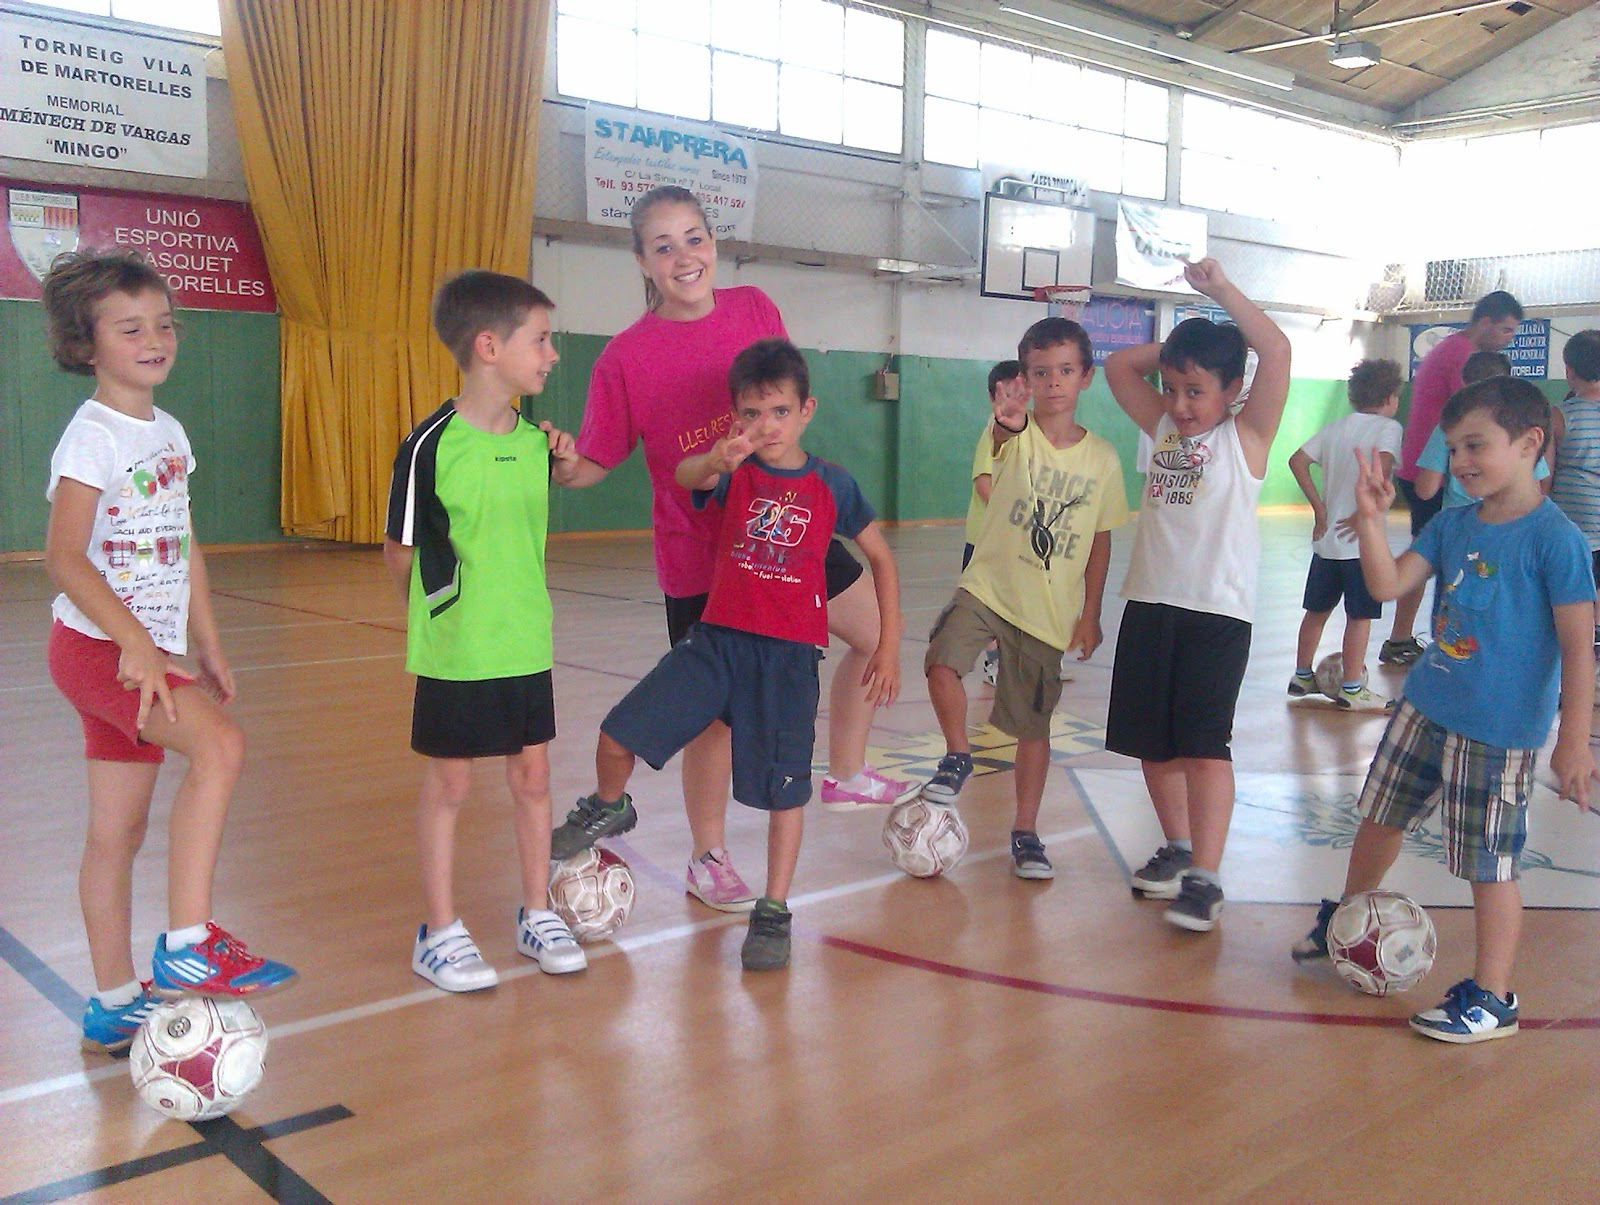 Esports a martorelles comen a el lleuresport martorelles 2012 for Piscina martorelles